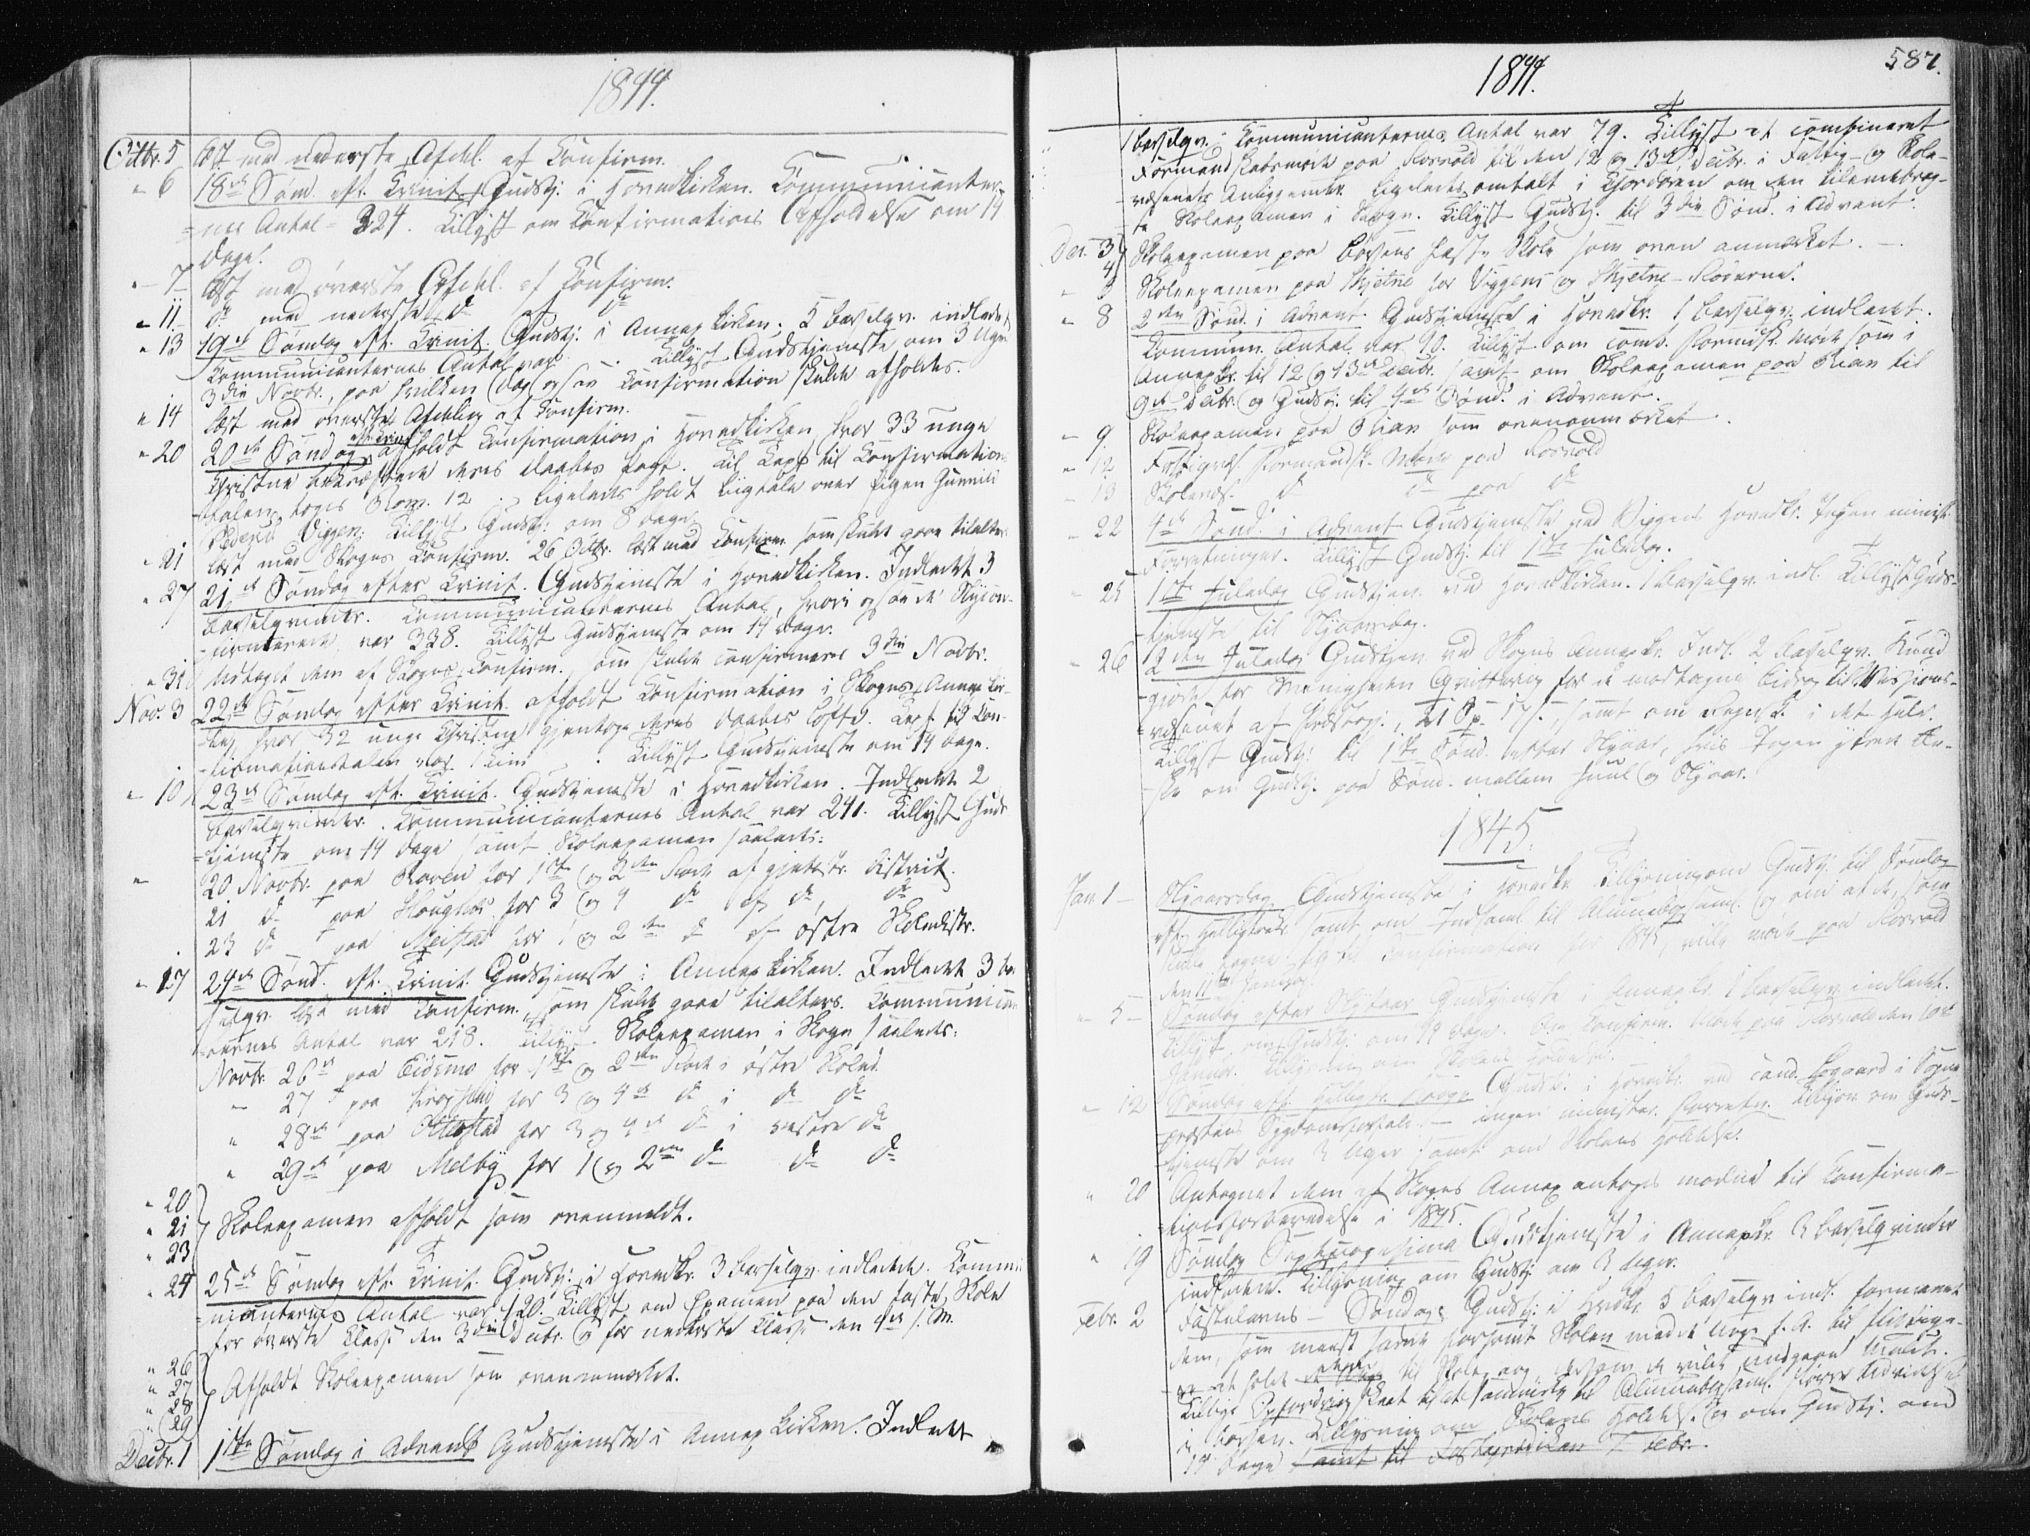 SAT, Ministerialprotokoller, klokkerbøker og fødselsregistre - Sør-Trøndelag, 665/L0771: Ministerialbok nr. 665A06, 1830-1856, s. 587